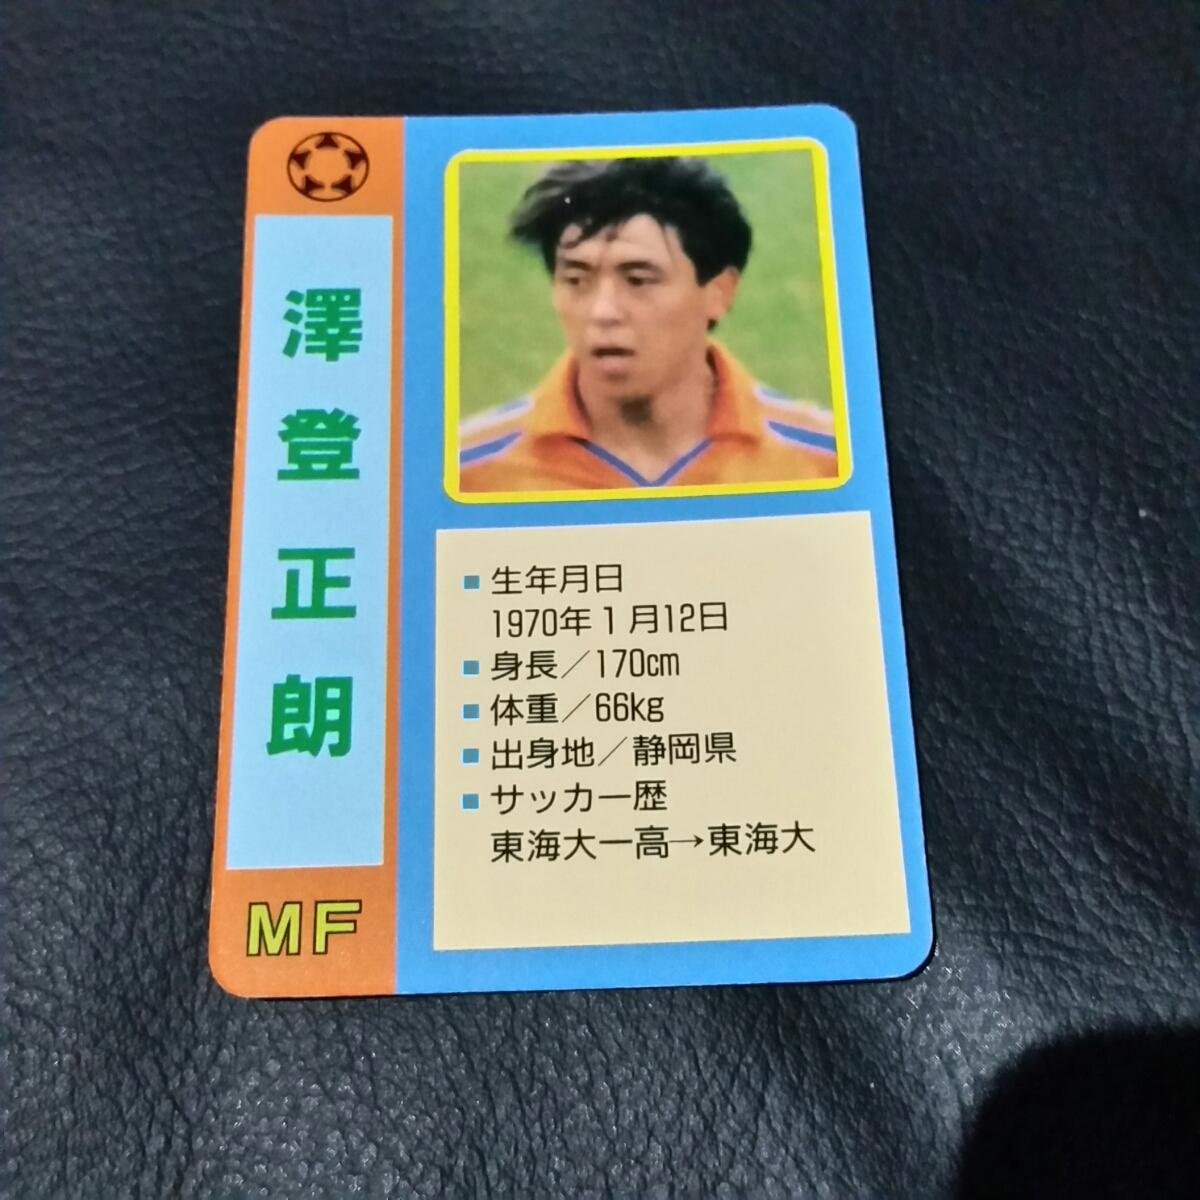 中古】【澤登正朗】Jリーグ サッカー 駄菓子屋 Pカード プロマイド ...